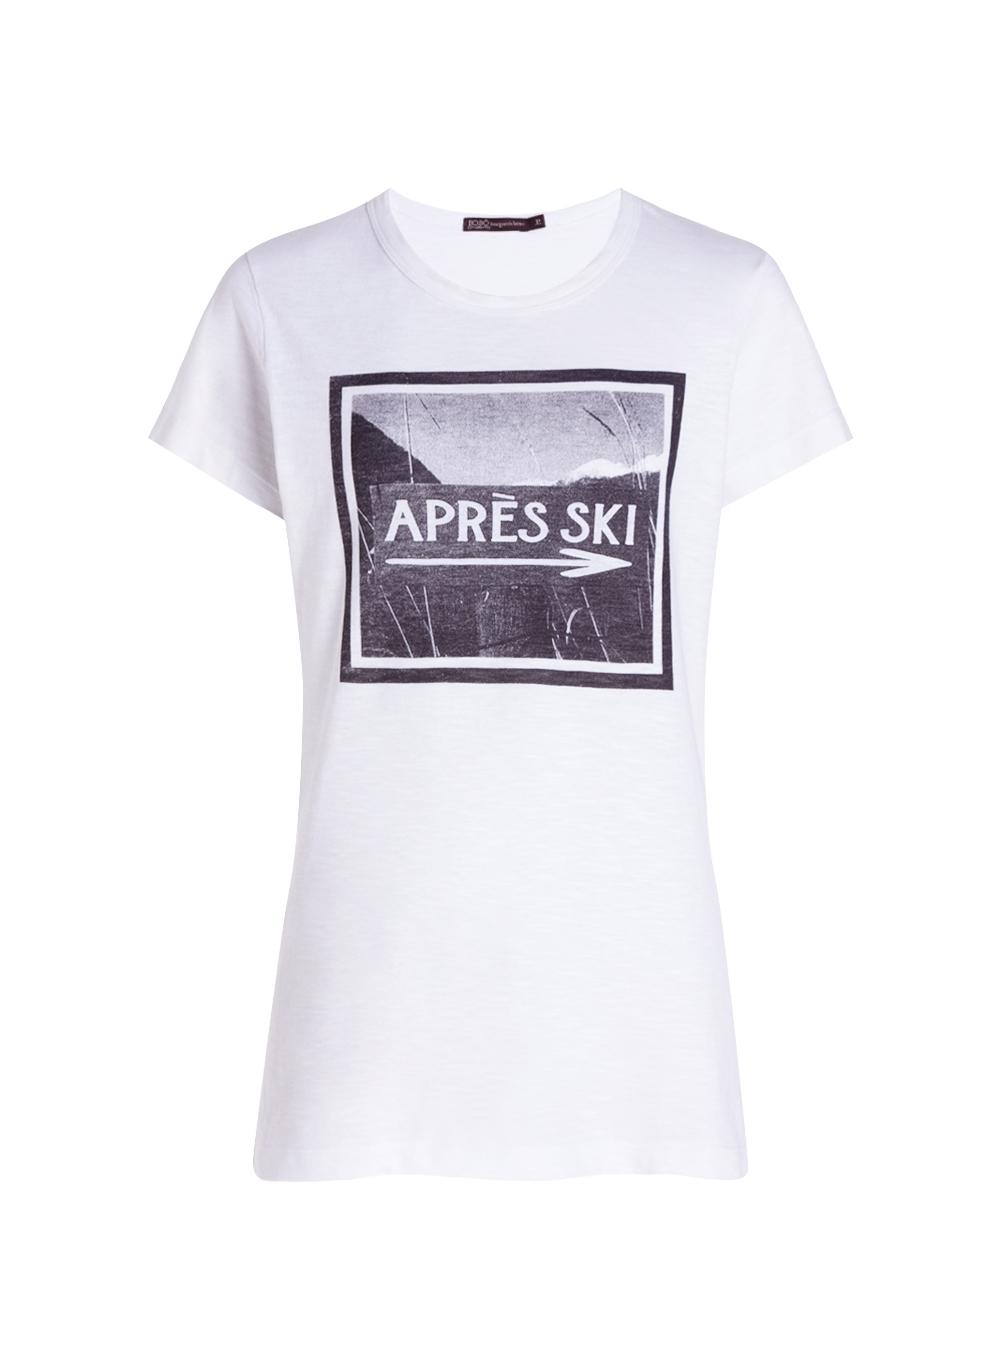 Camiseta Bo.bô Apres Ski Feminina (Branco, M)